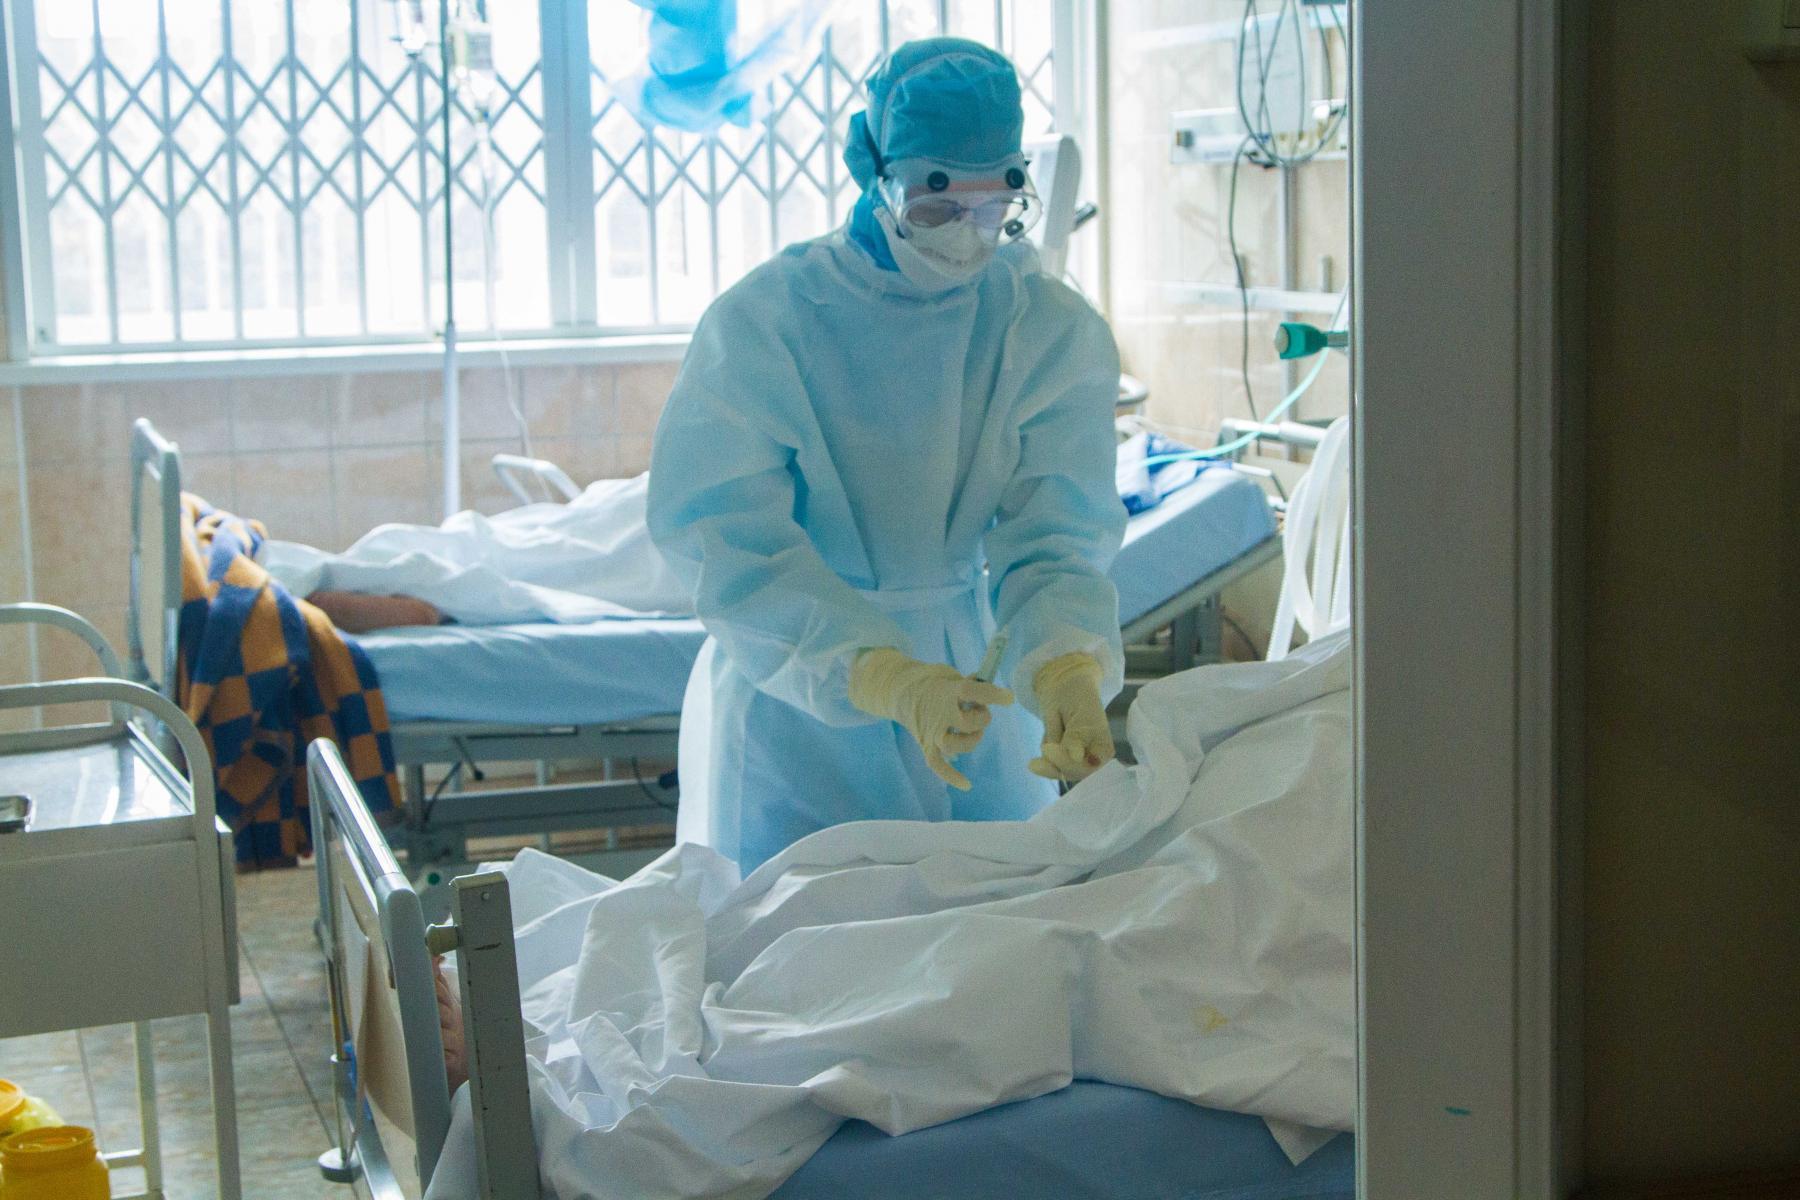 Фото Рекордная смертность от коронавируса в Новосибирске: за месяц погибли больше 100 человек 2